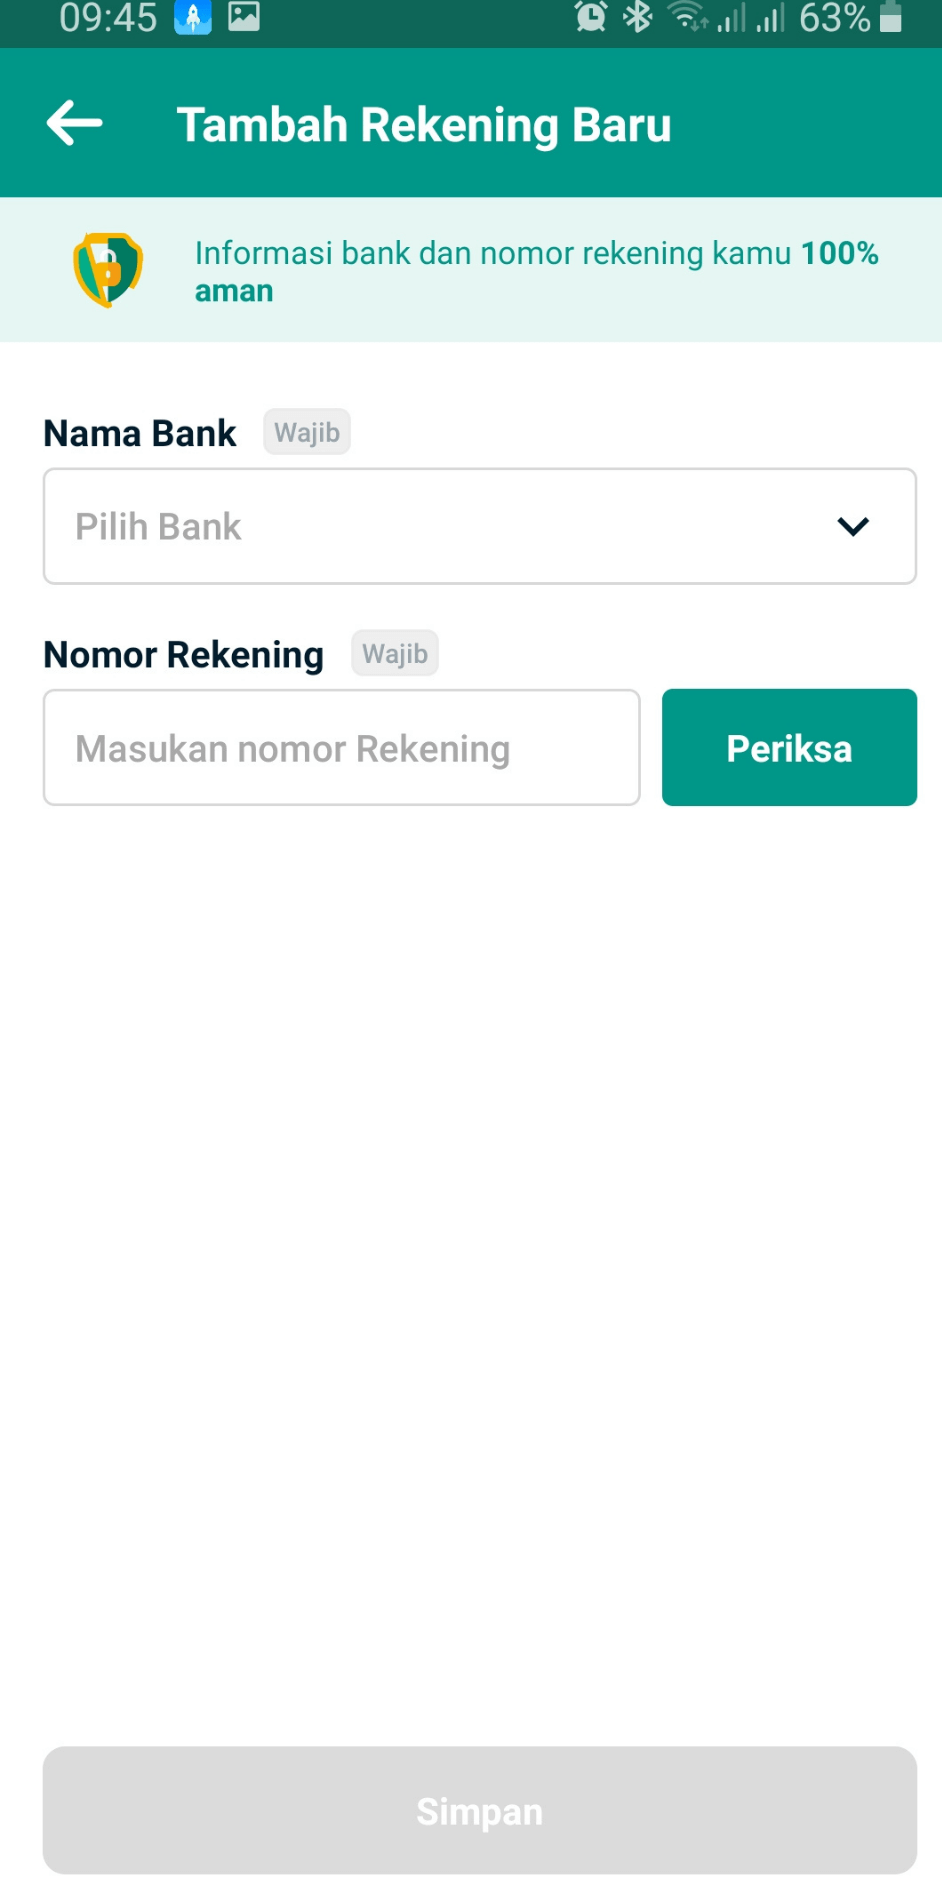 Isi informasi terkait rekening anda dengan memasukan nama bank dan nomor rekening